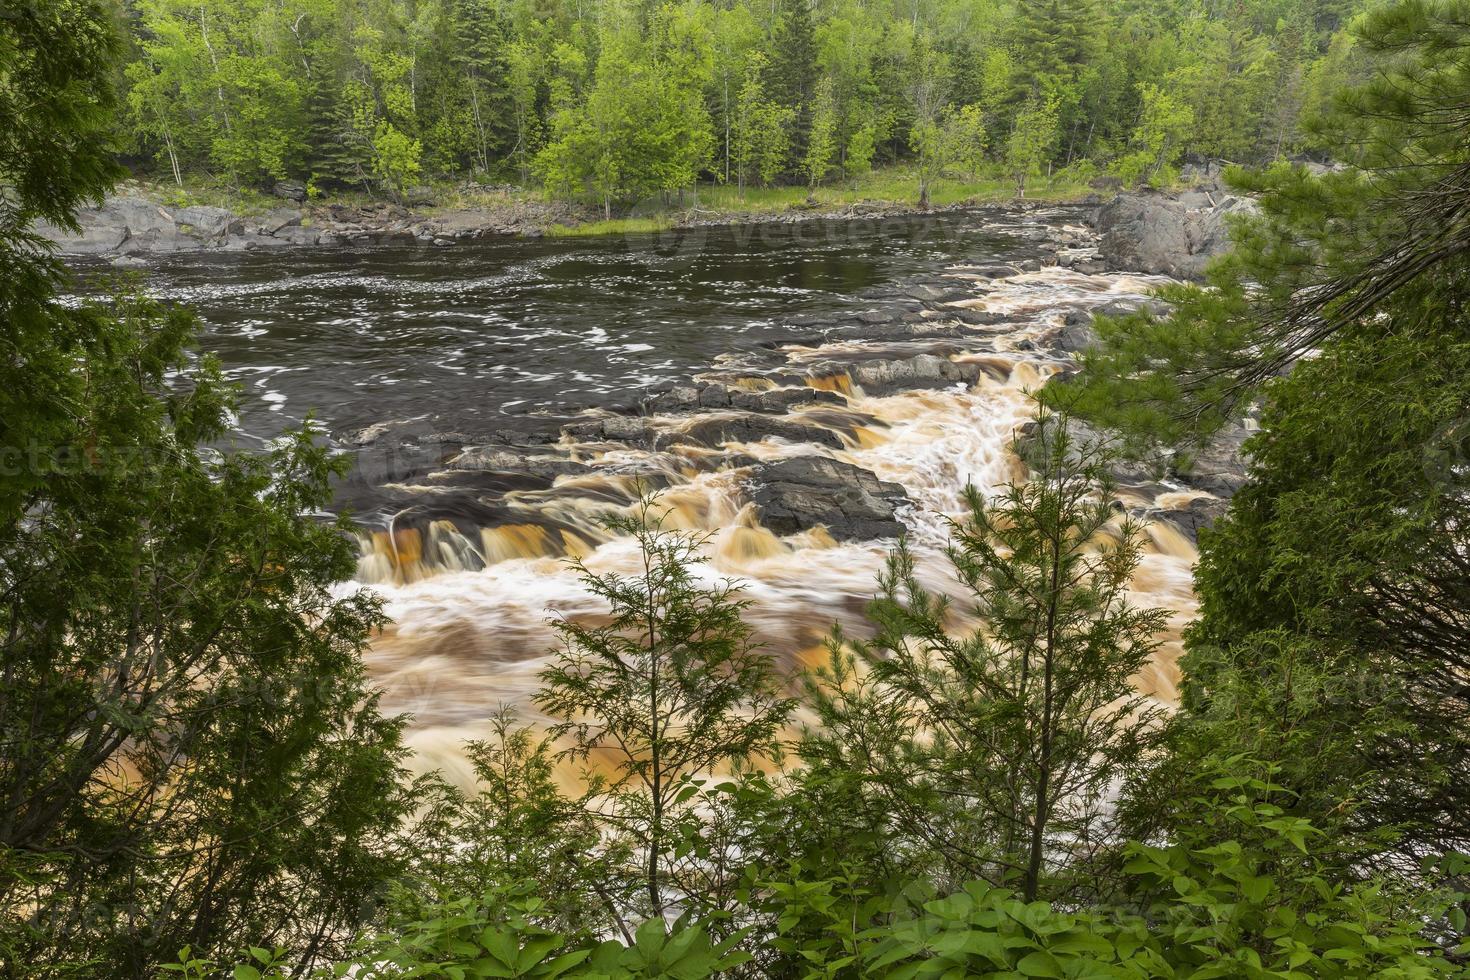 st. louis river scenico foto